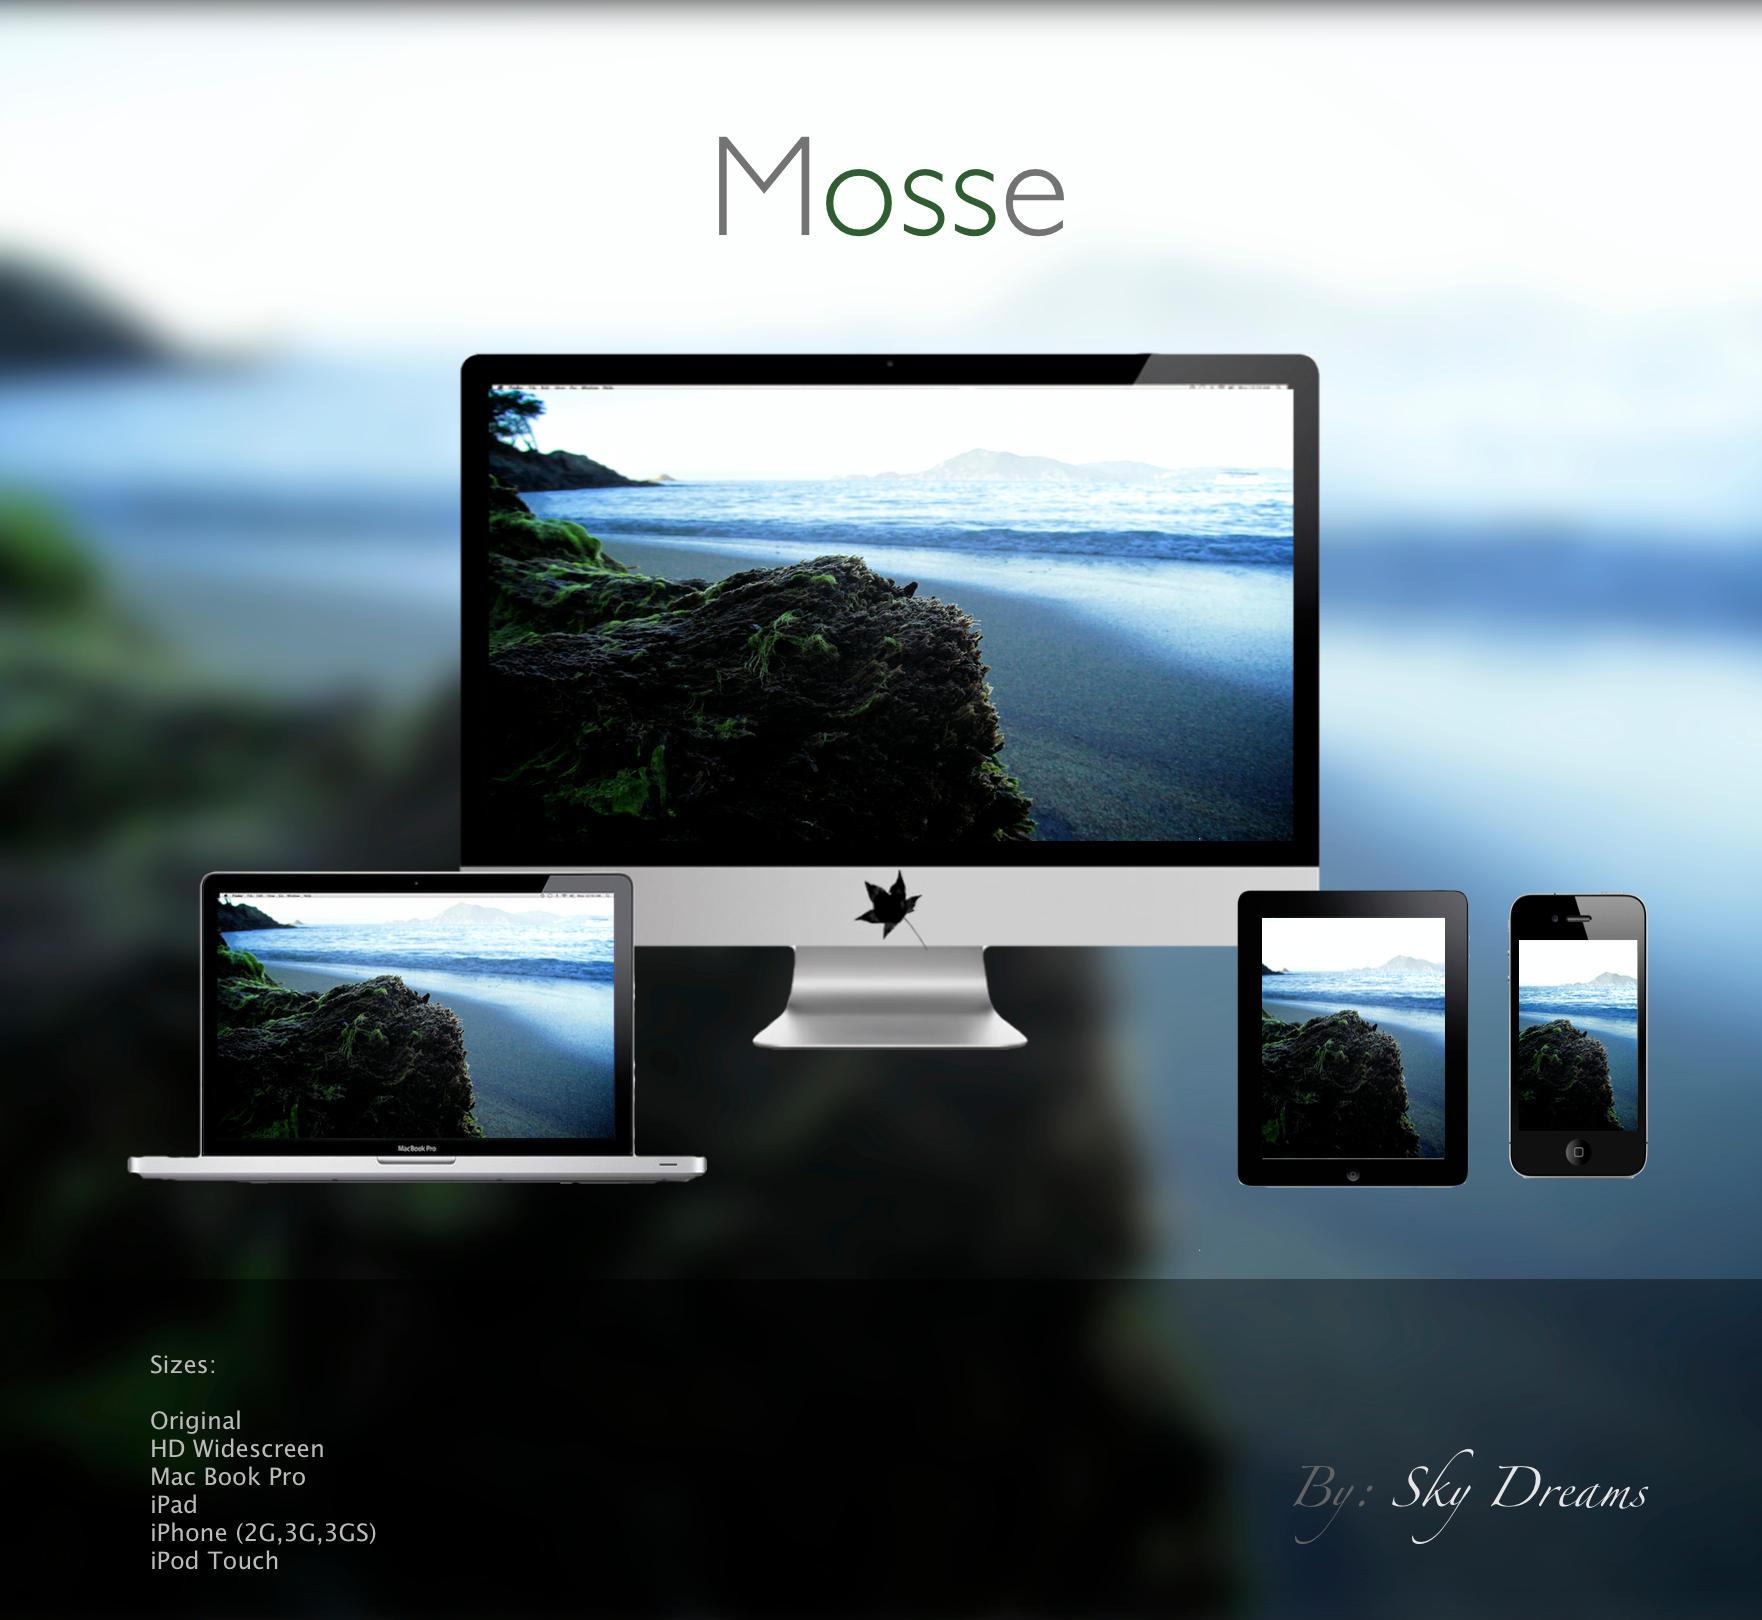 Mosse by DeusMaster